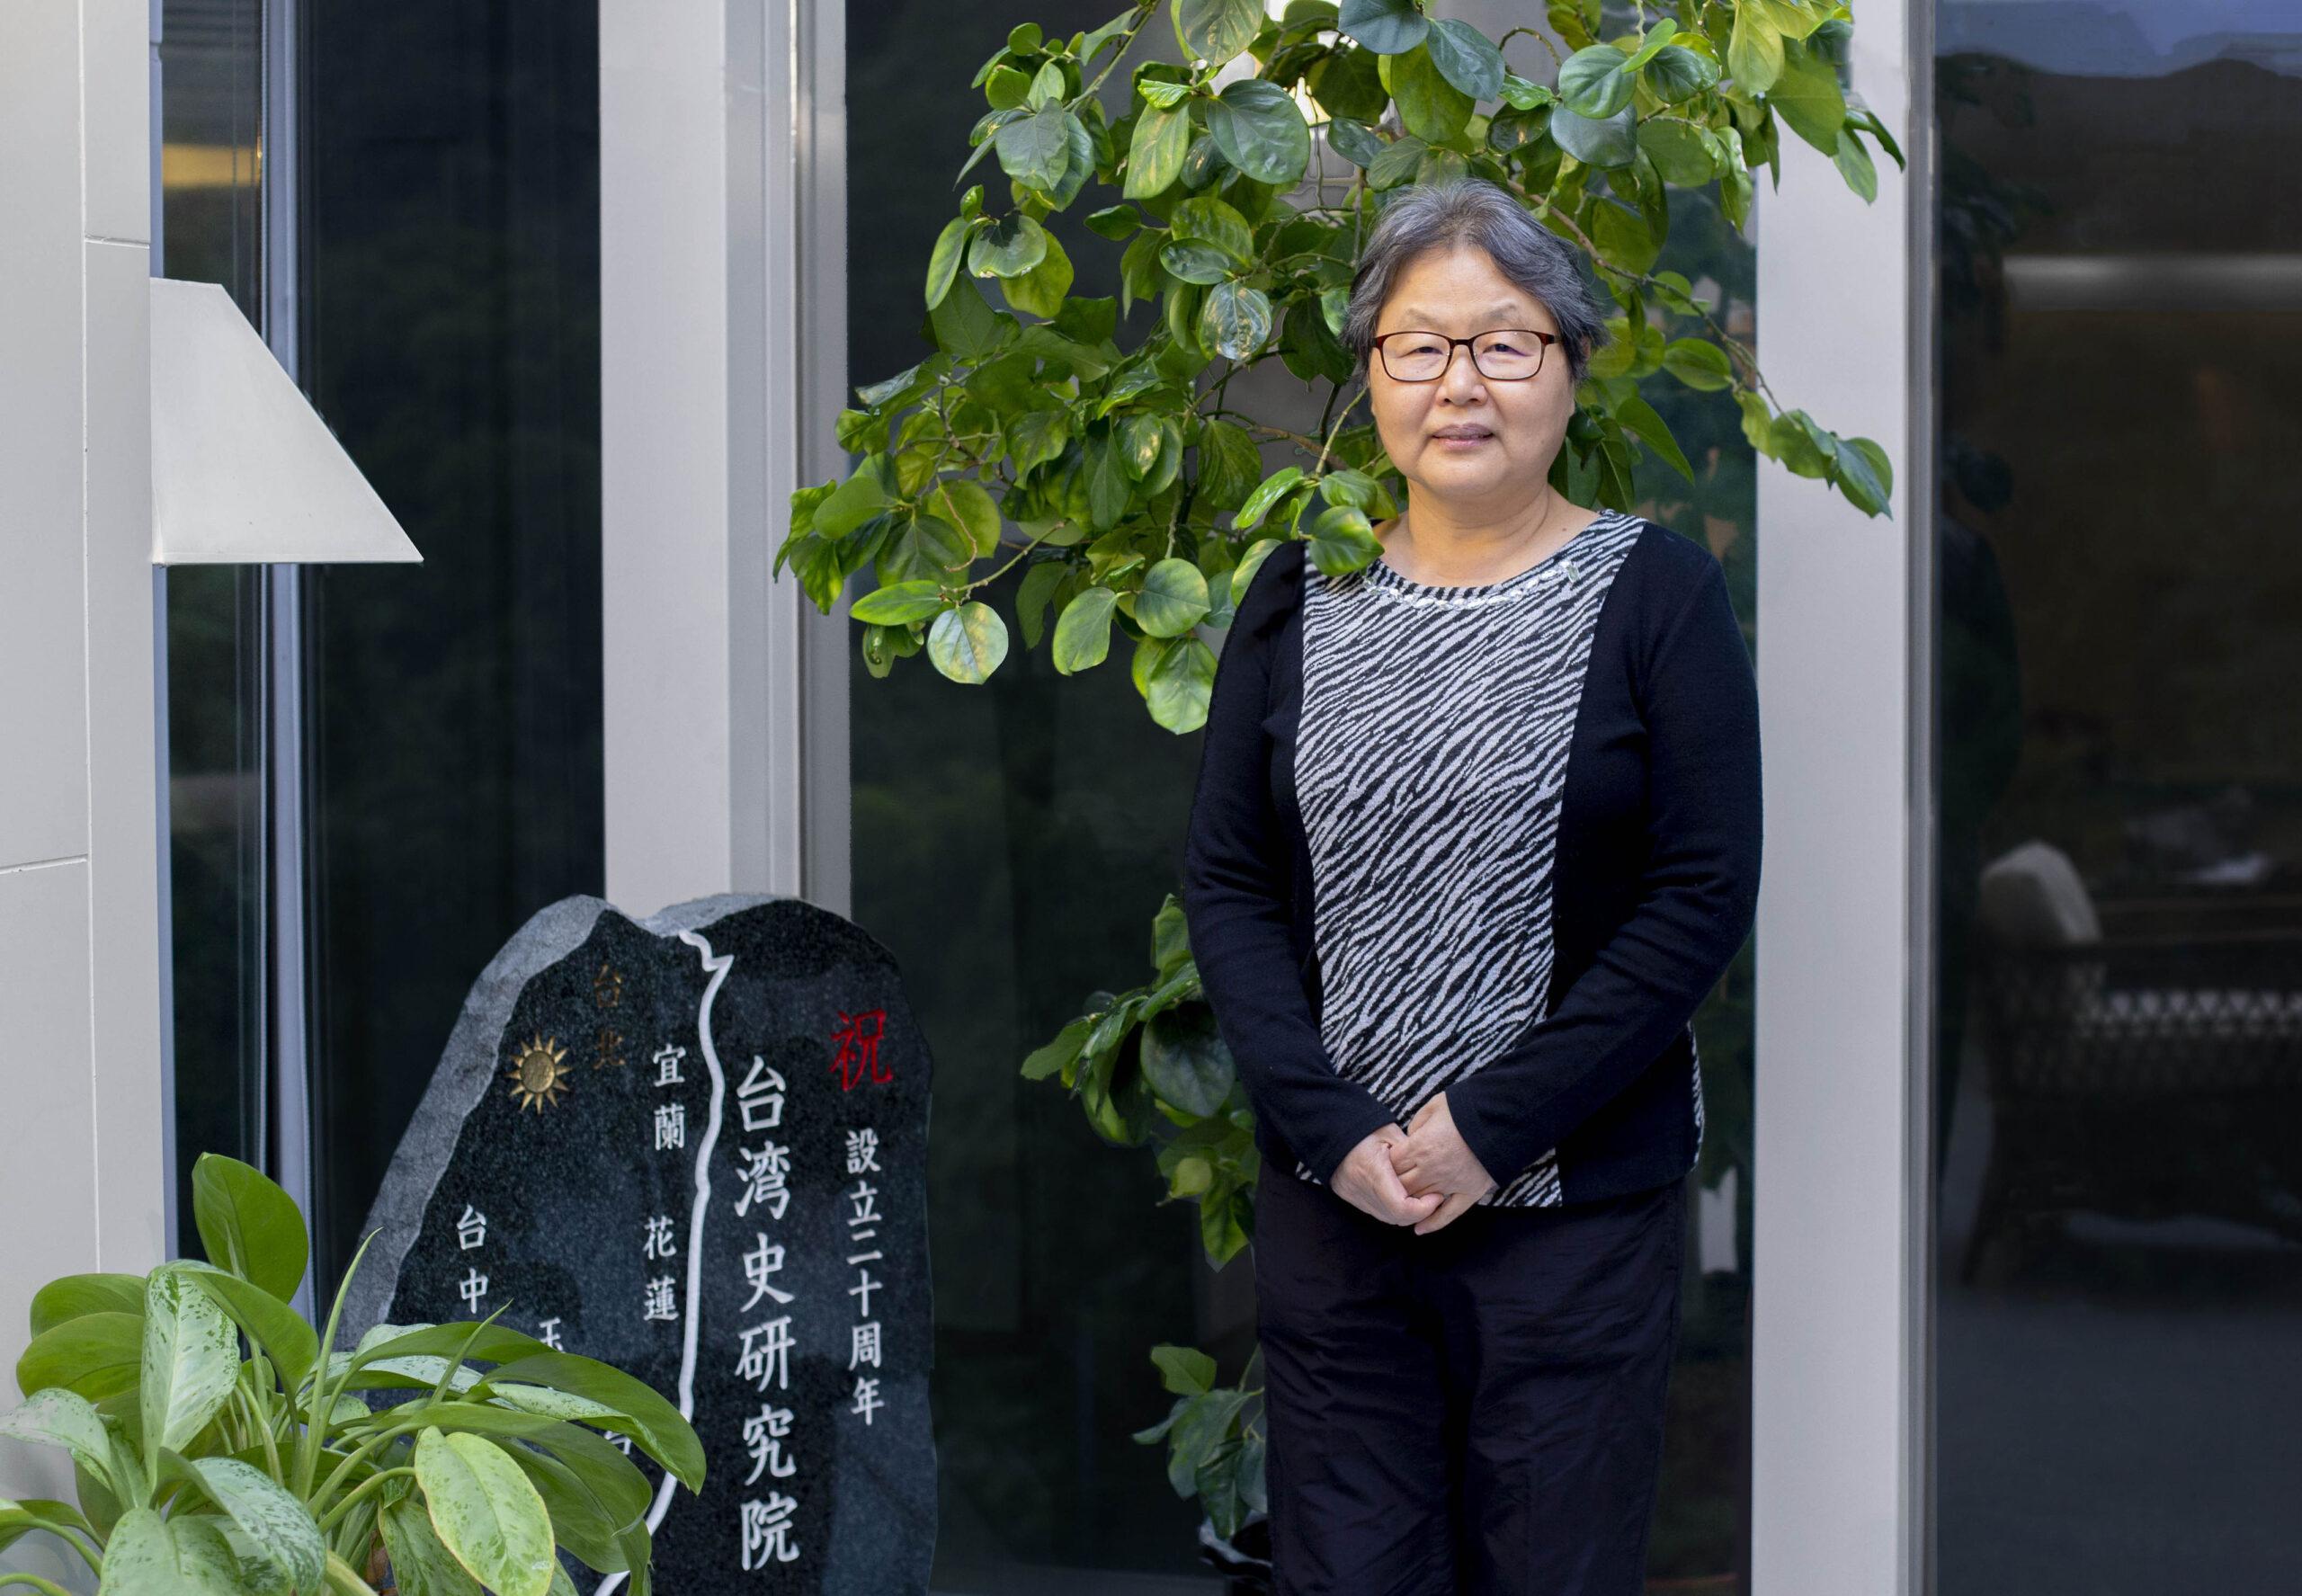 挖掘那些被忽略、遺忘的歷史,說出臺灣人的故事,是鍾淑敏至深的研究關懷。她也正著手投入二戰期間成為戰俘、戰犯的臺灣人,期望能填補更多臺灣史的空白。圖│研之有物